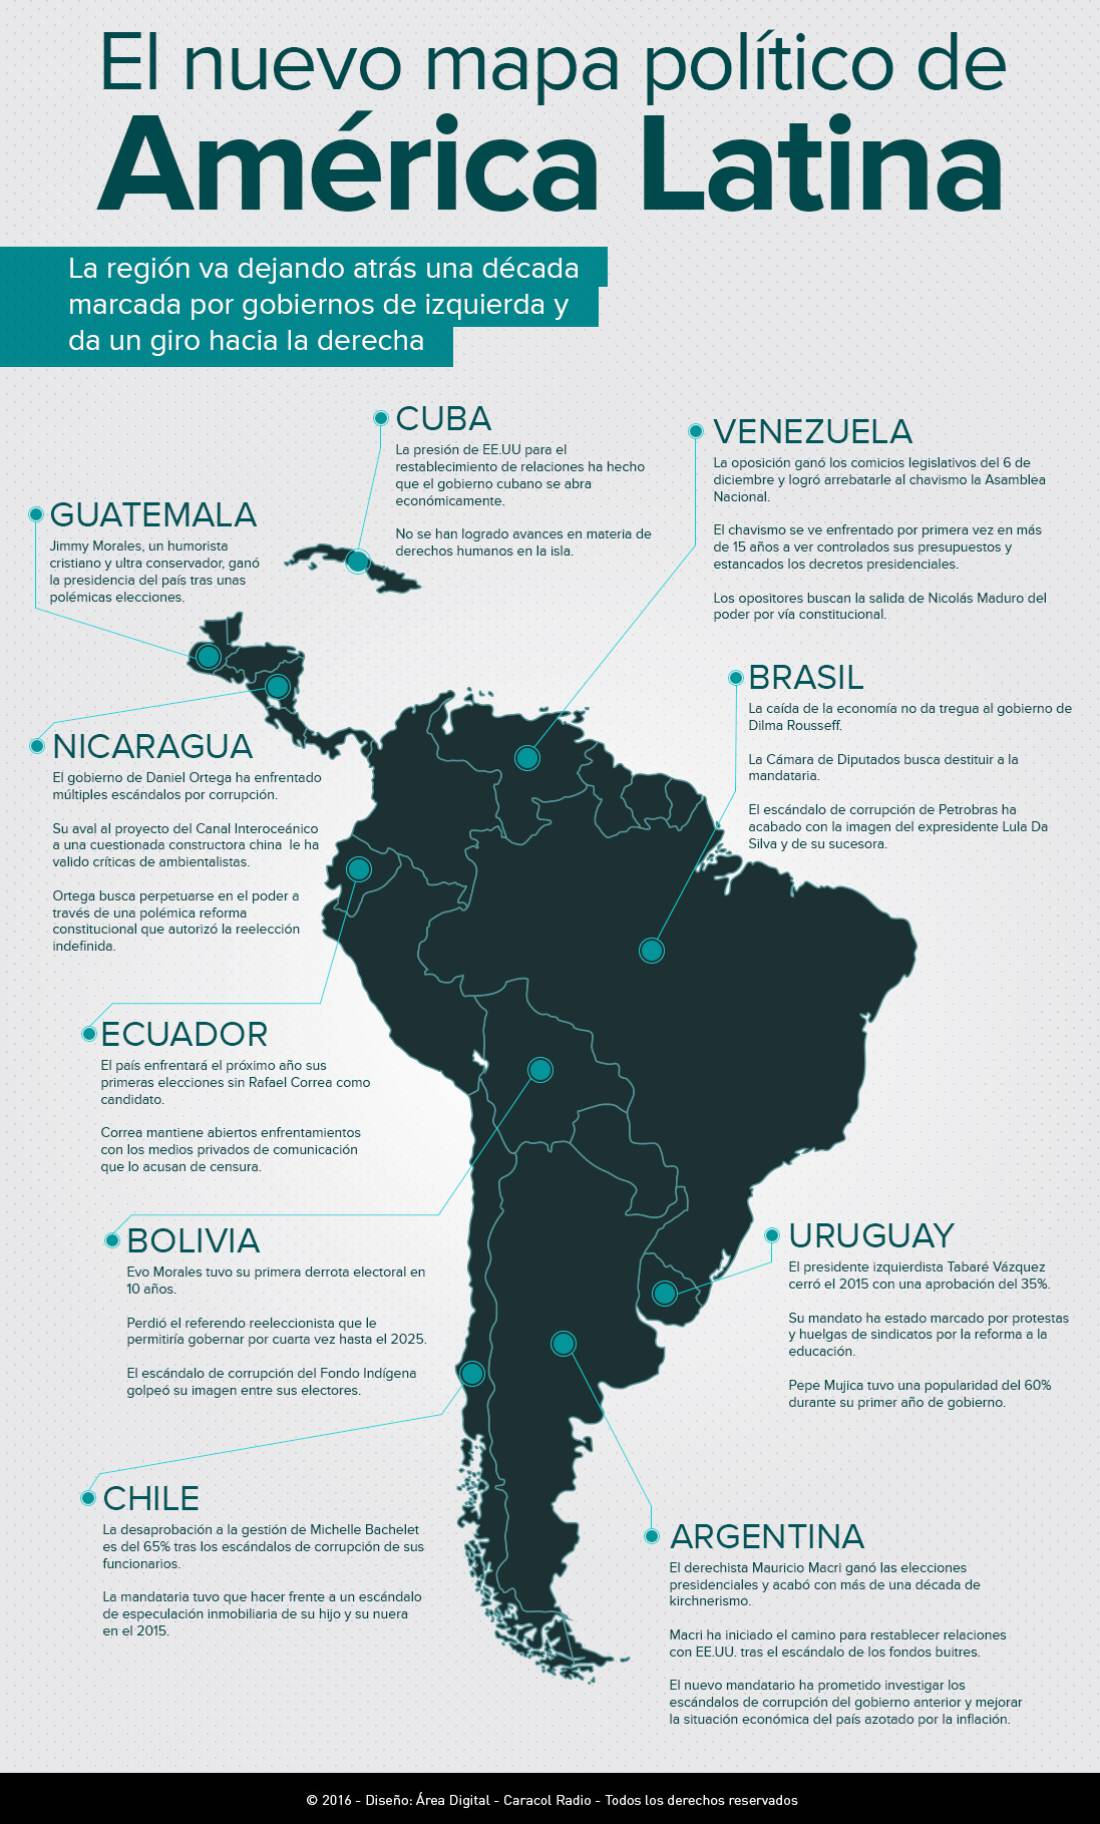 El nuevo mapa político de América Latina